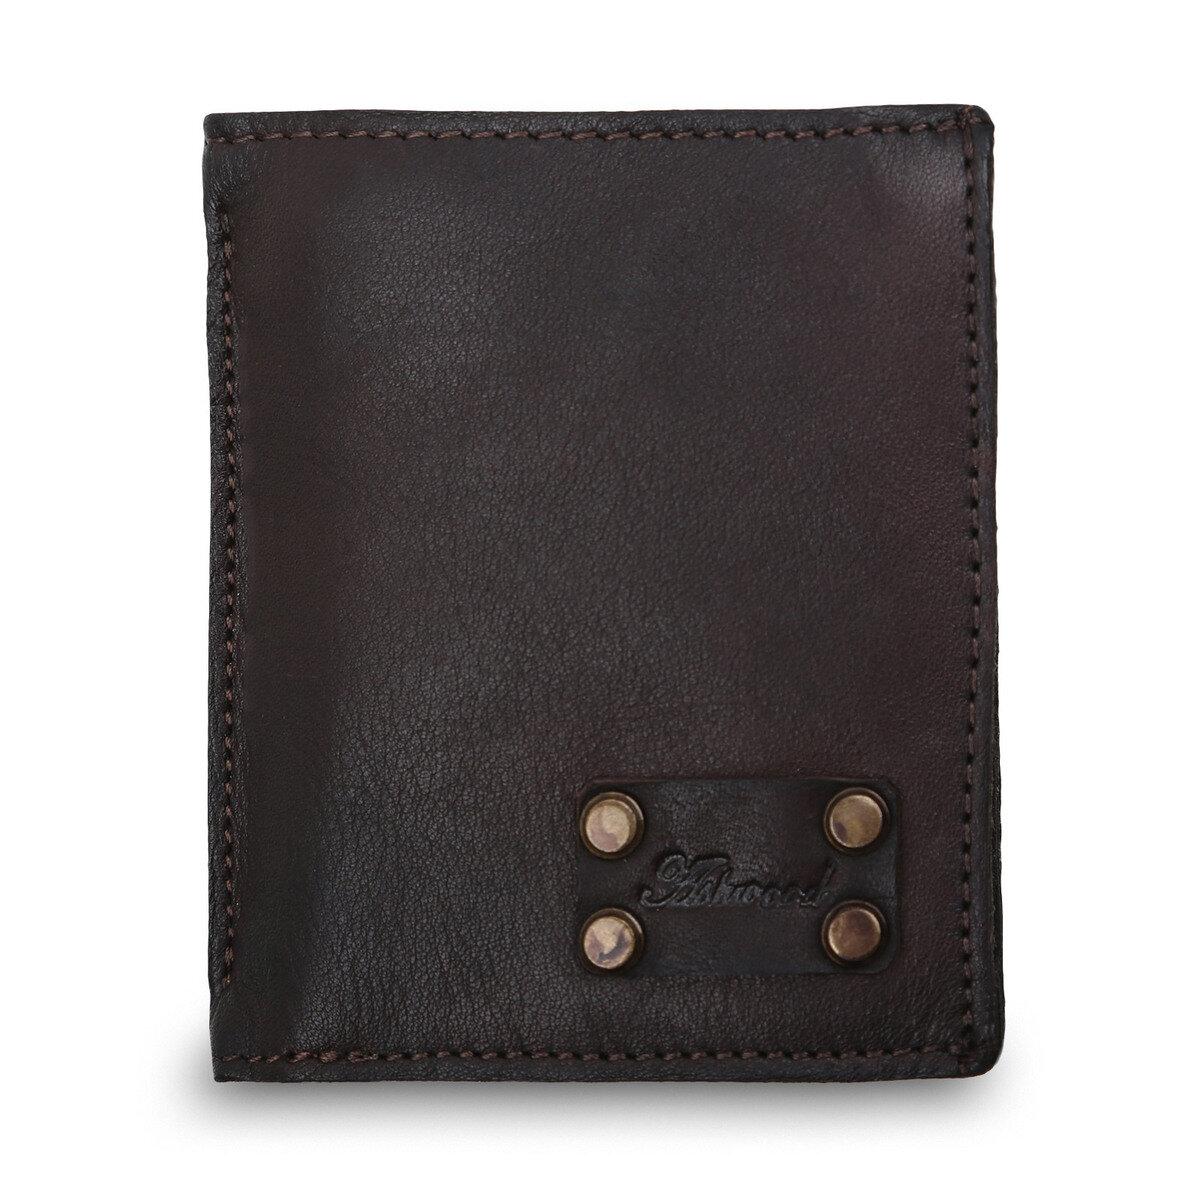 91397f730fdd Портмоне мужские genuine leather в Санкт-Петербурге: купить в ...